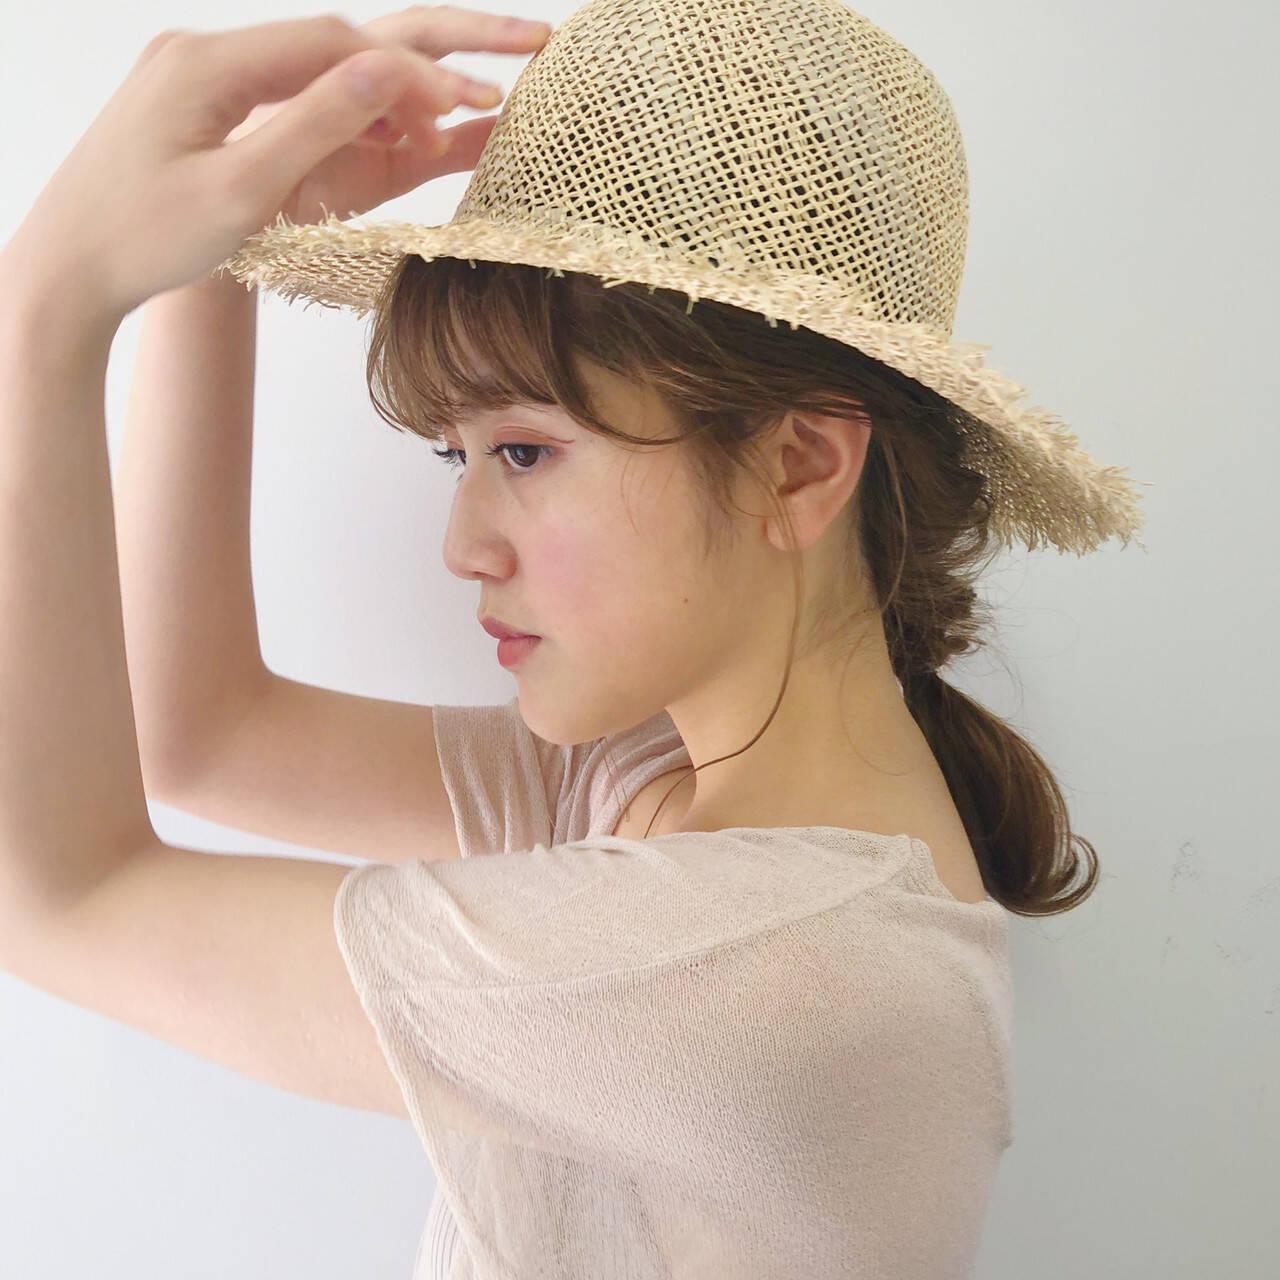 ベージュ 帽子アレンジ ヘアアレンジ ガーリーヘアスタイルや髪型の写真・画像